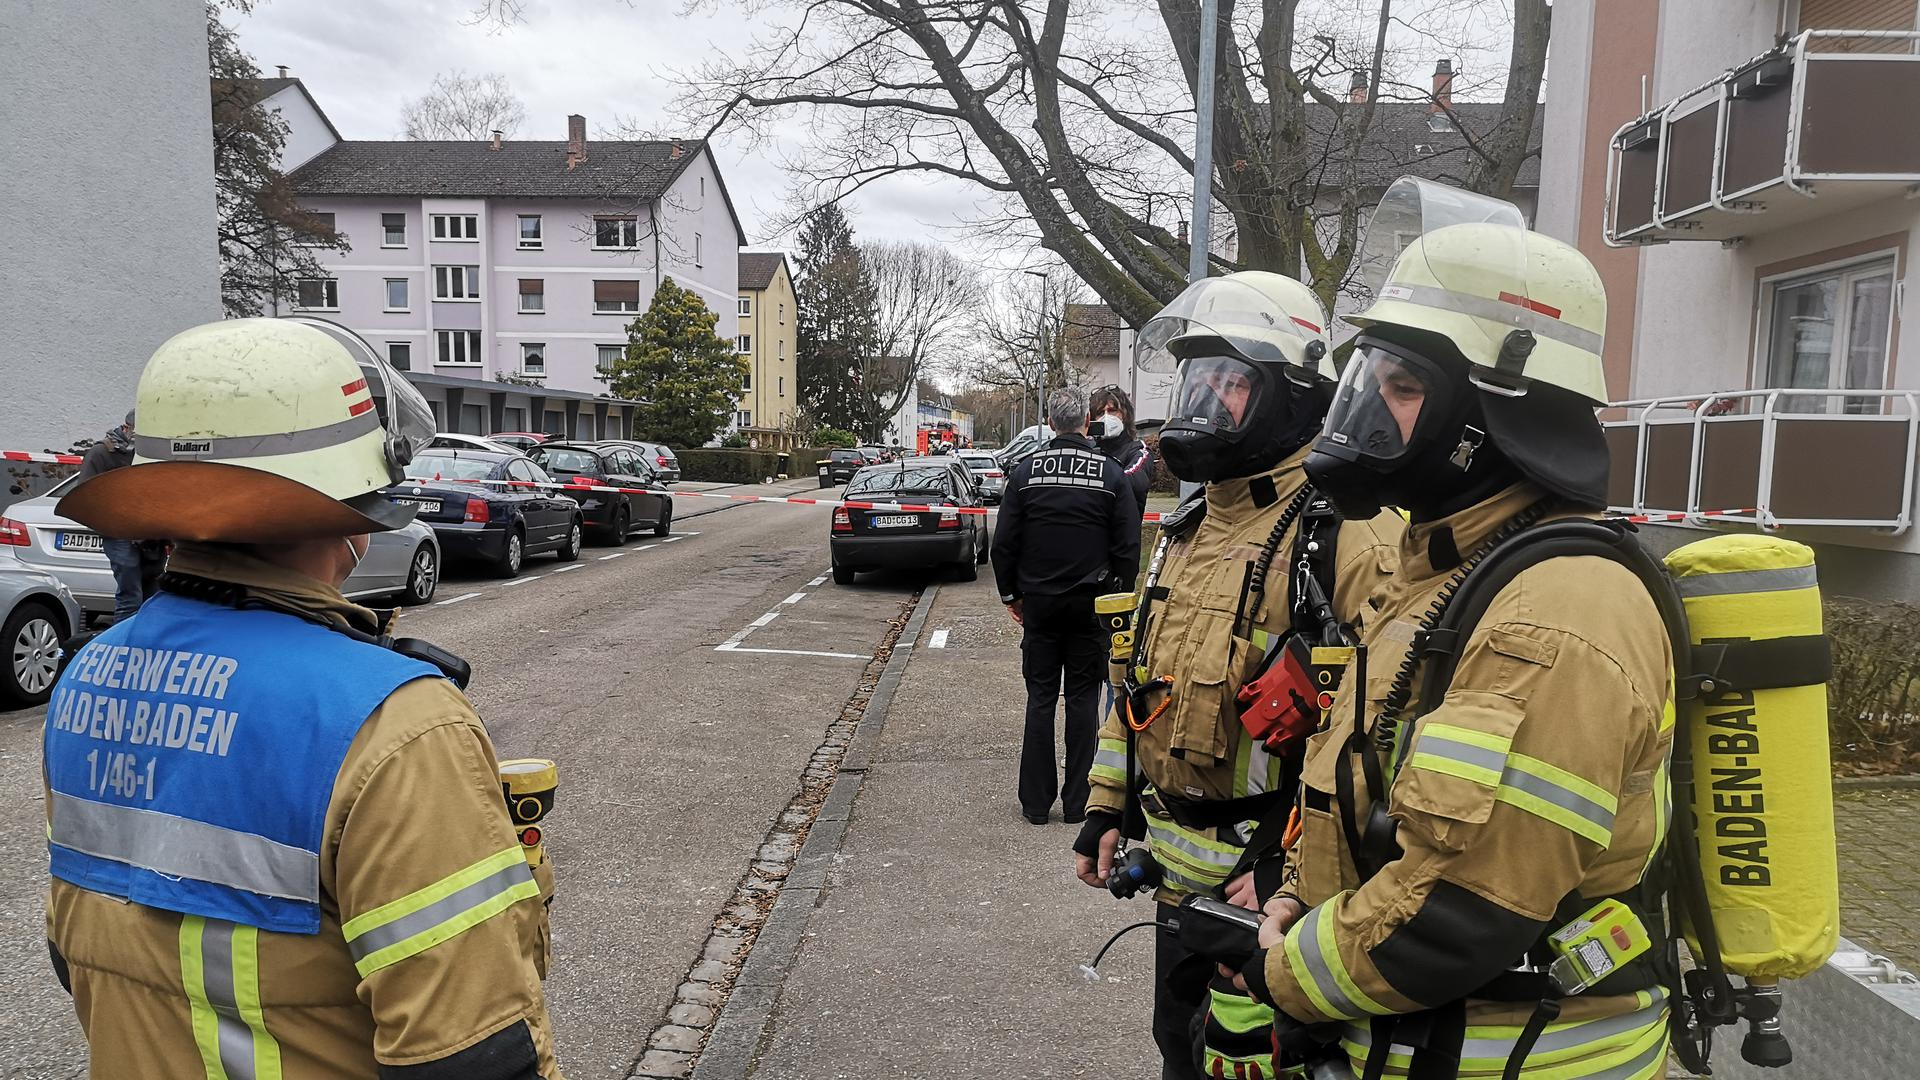 Großeinsatz: Sicherheitskräfte von Polizei und Feuerwehr sind in der Danziger Straße in Oos im Einsatz.